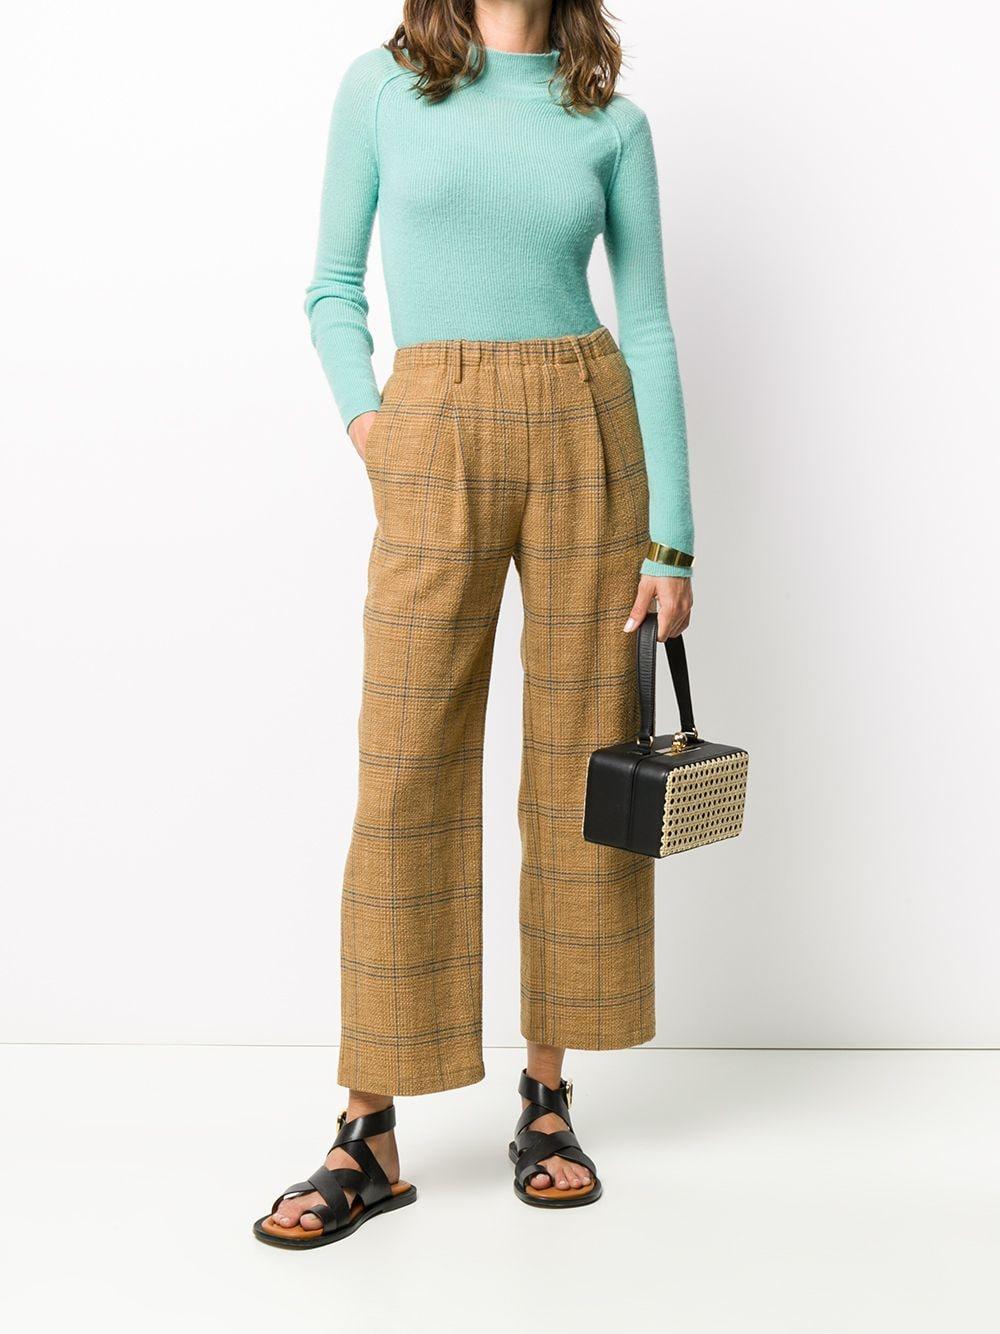 Pantaloni marroni in misto lana-cotone con motivo check FORTE_FORTE |  | 7511OTTANIO